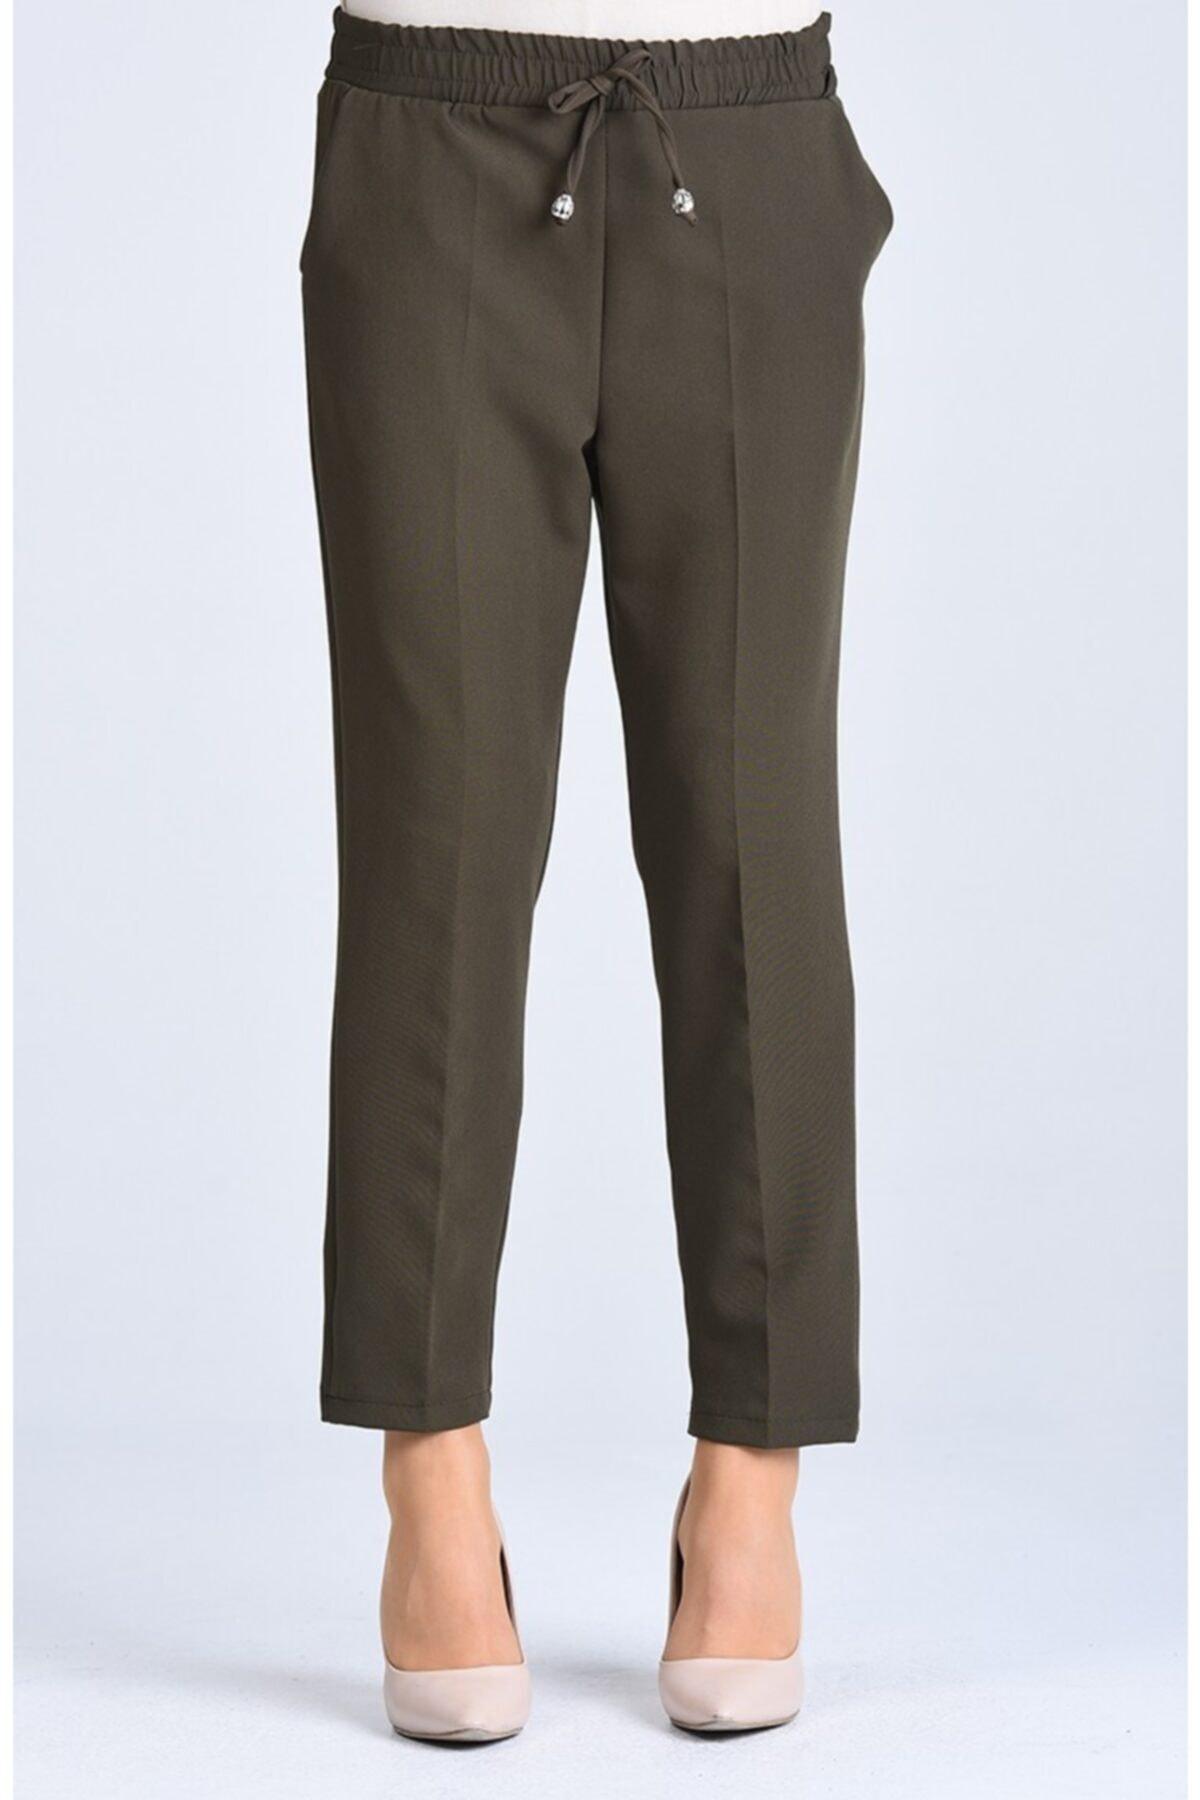 Kadın Haki Lastikli Havuç Pantolon - Me000272